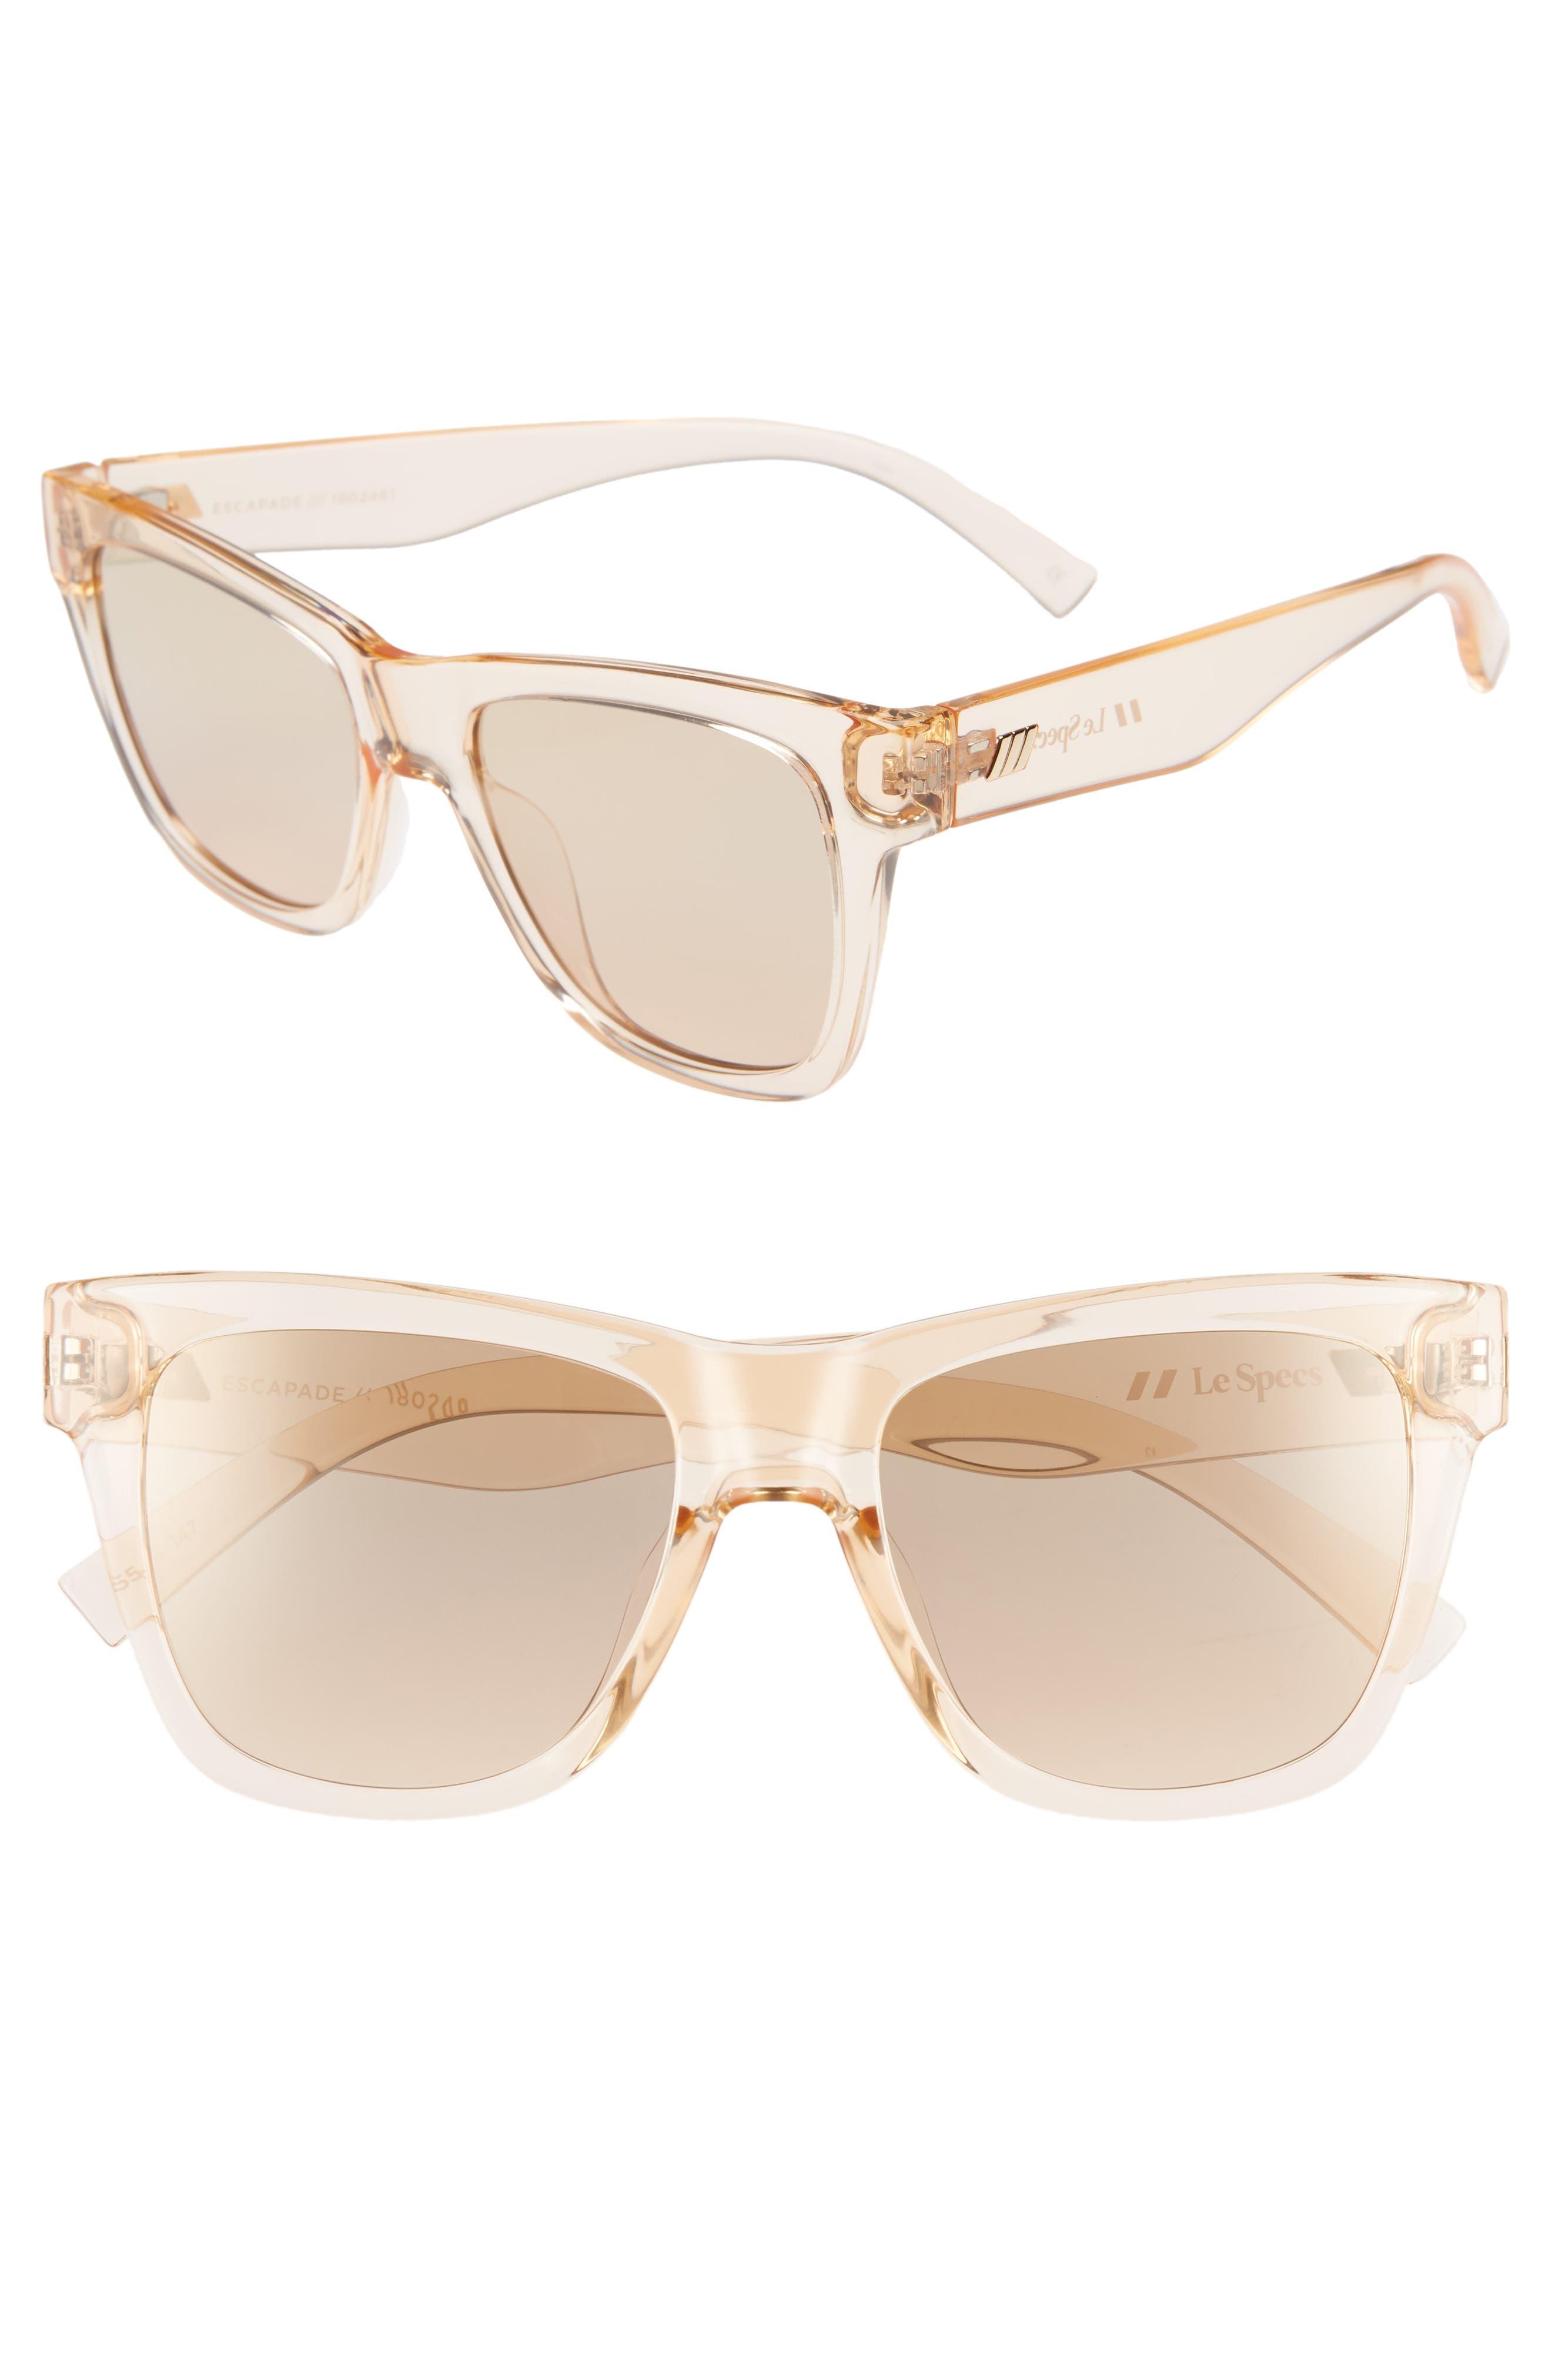 Le Specs Escapade 5m Sunglasses - Sandstorm